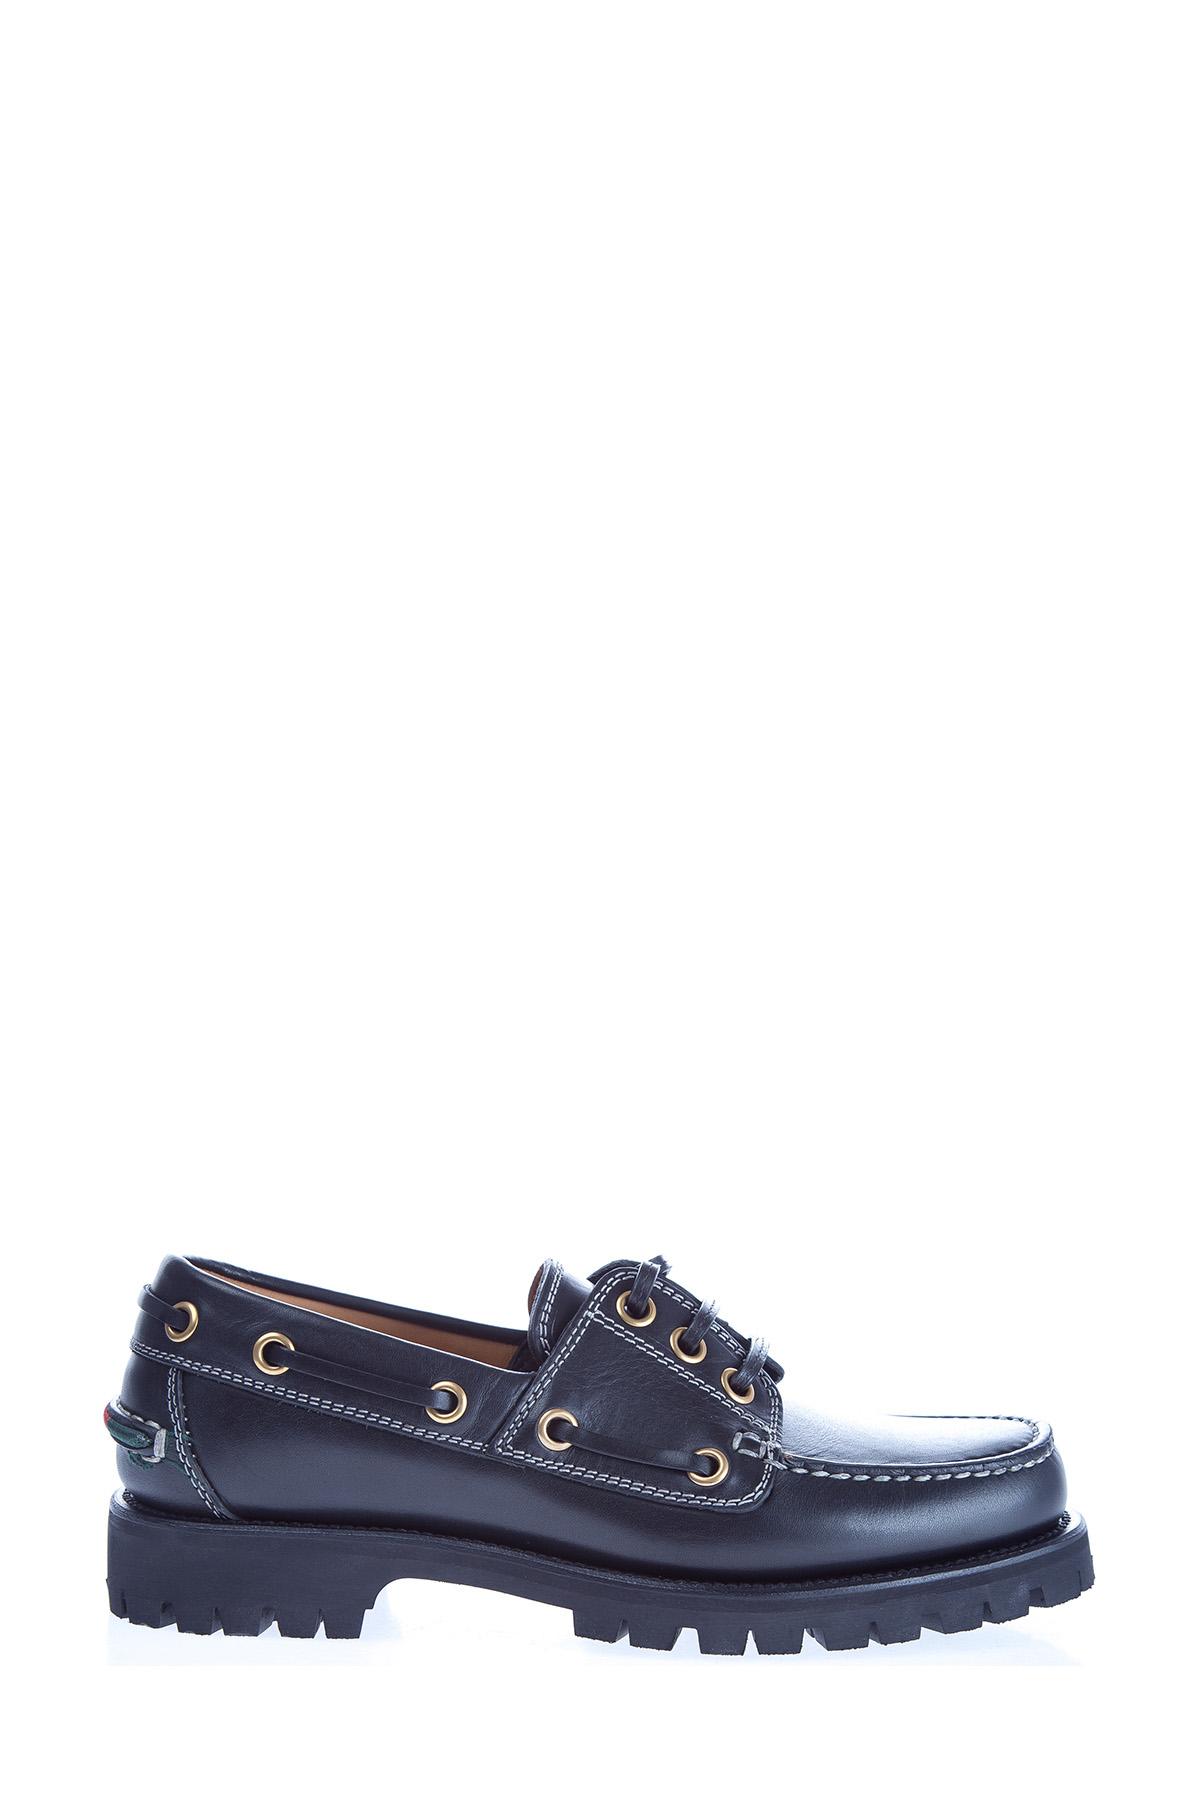 Купить Ботинки с массивной подошвой с тракторным протектором, шнуровкой и контрастной прострочкой, GUCCI, Италия, кожа 100%